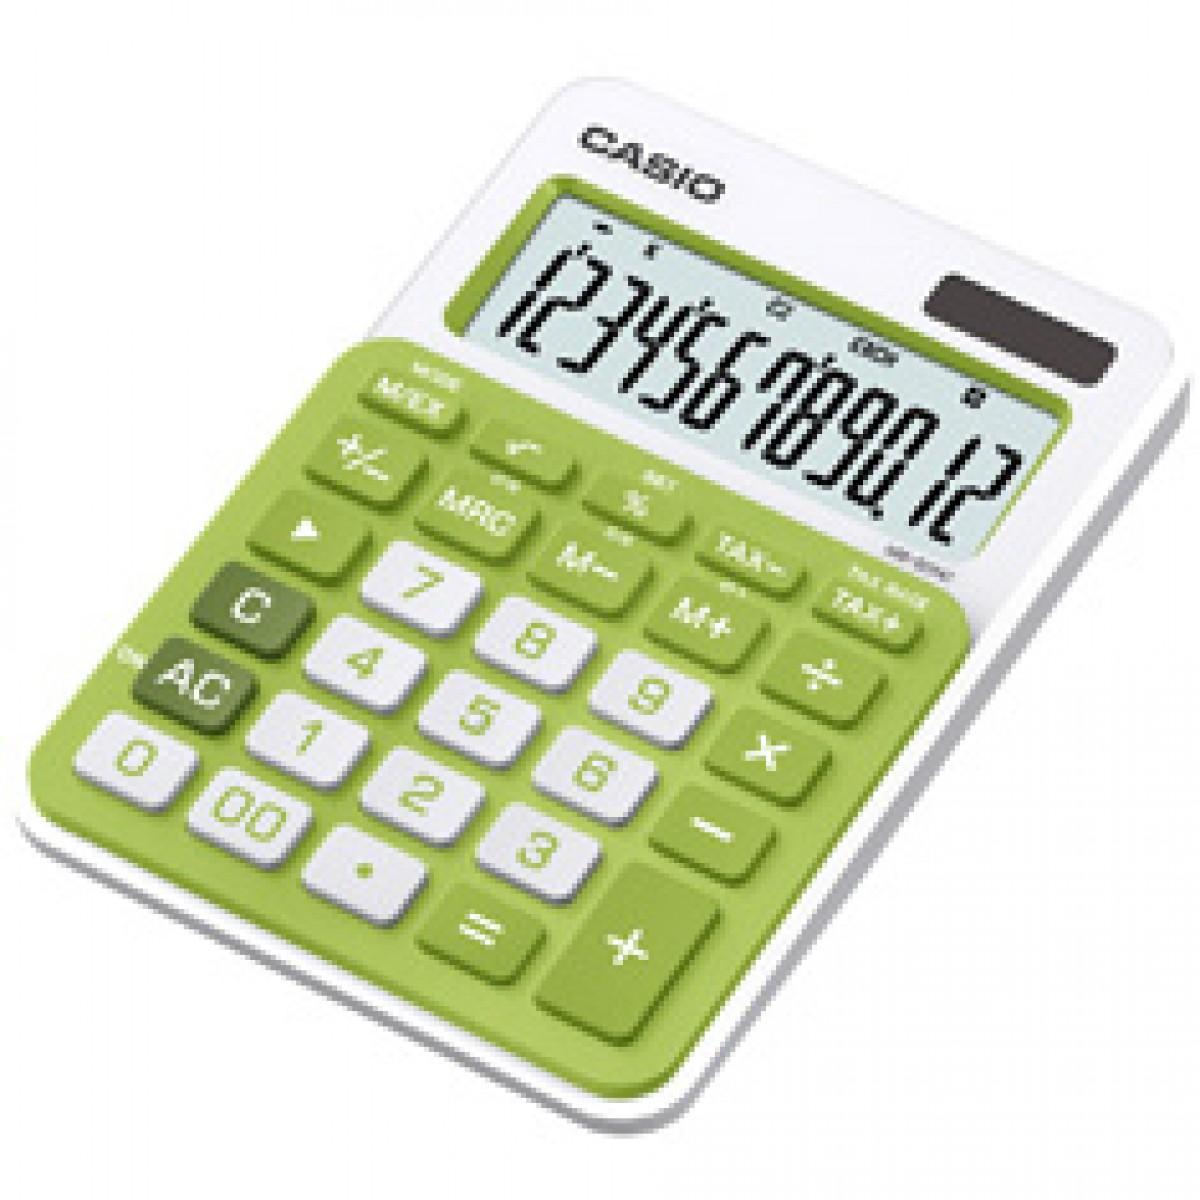 Calculadora de mesa Casio Colorful MS-20NC-GN  12 dígitos, Big display, verde